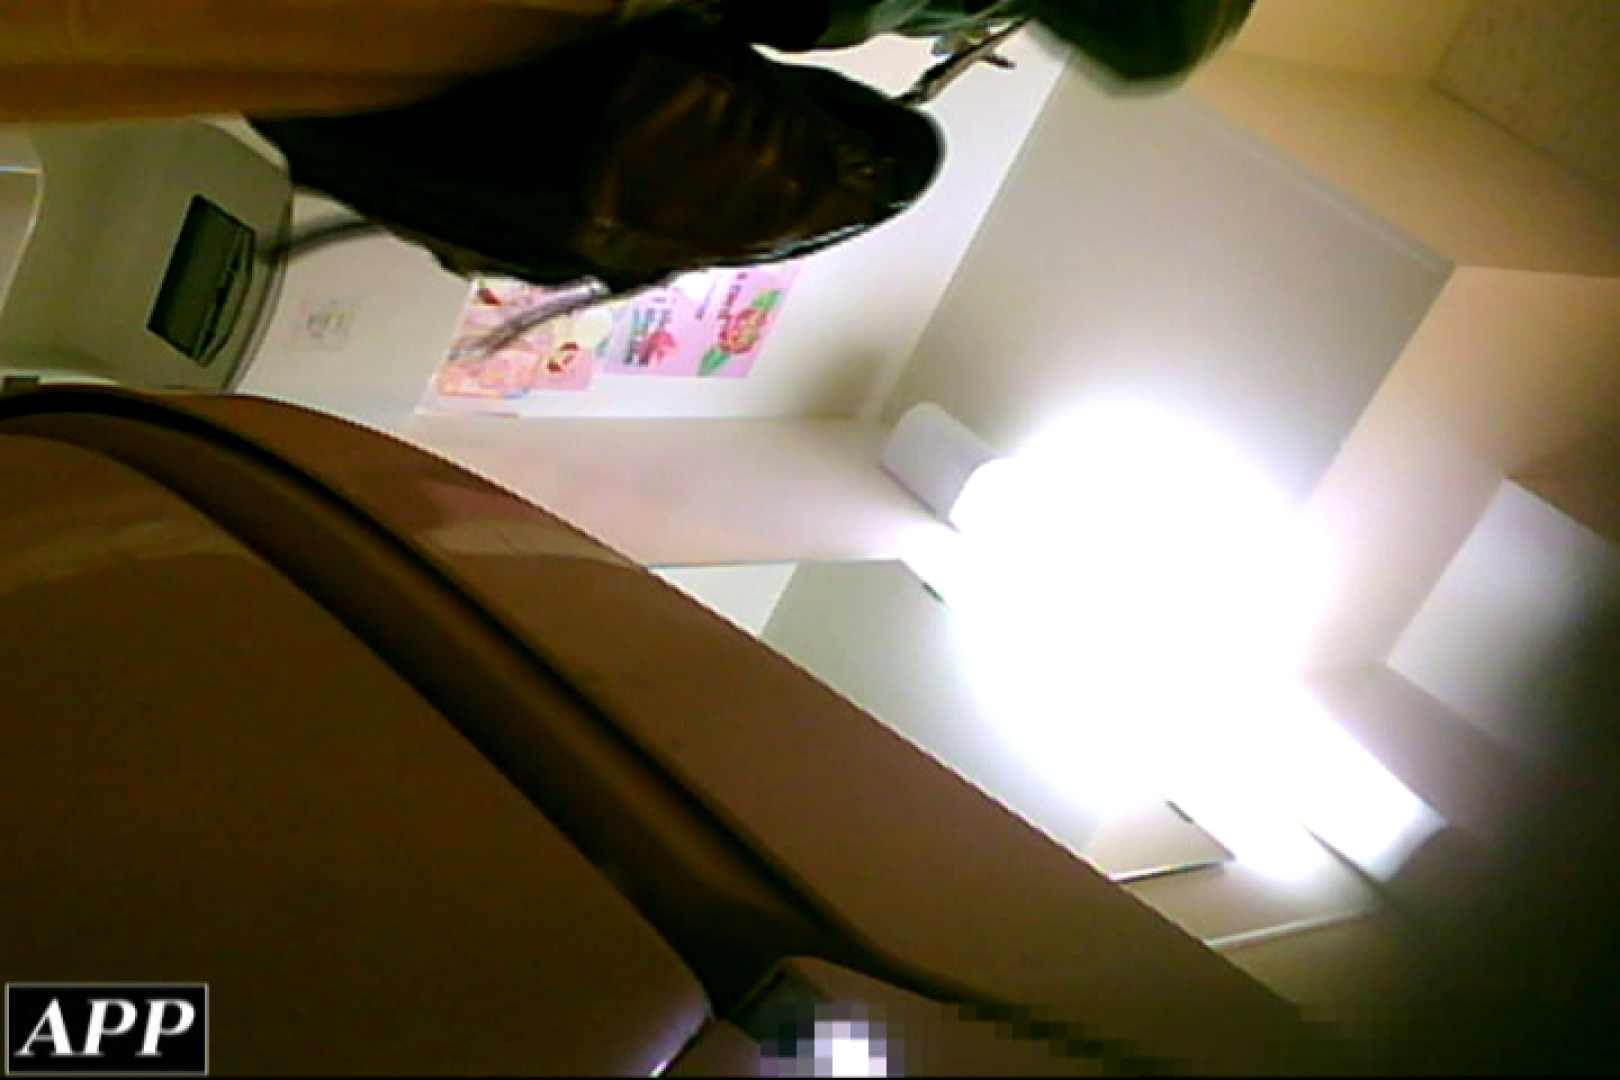 3視点洗面所 vol.118 OLのボディ エロ無料画像 88PIX 87